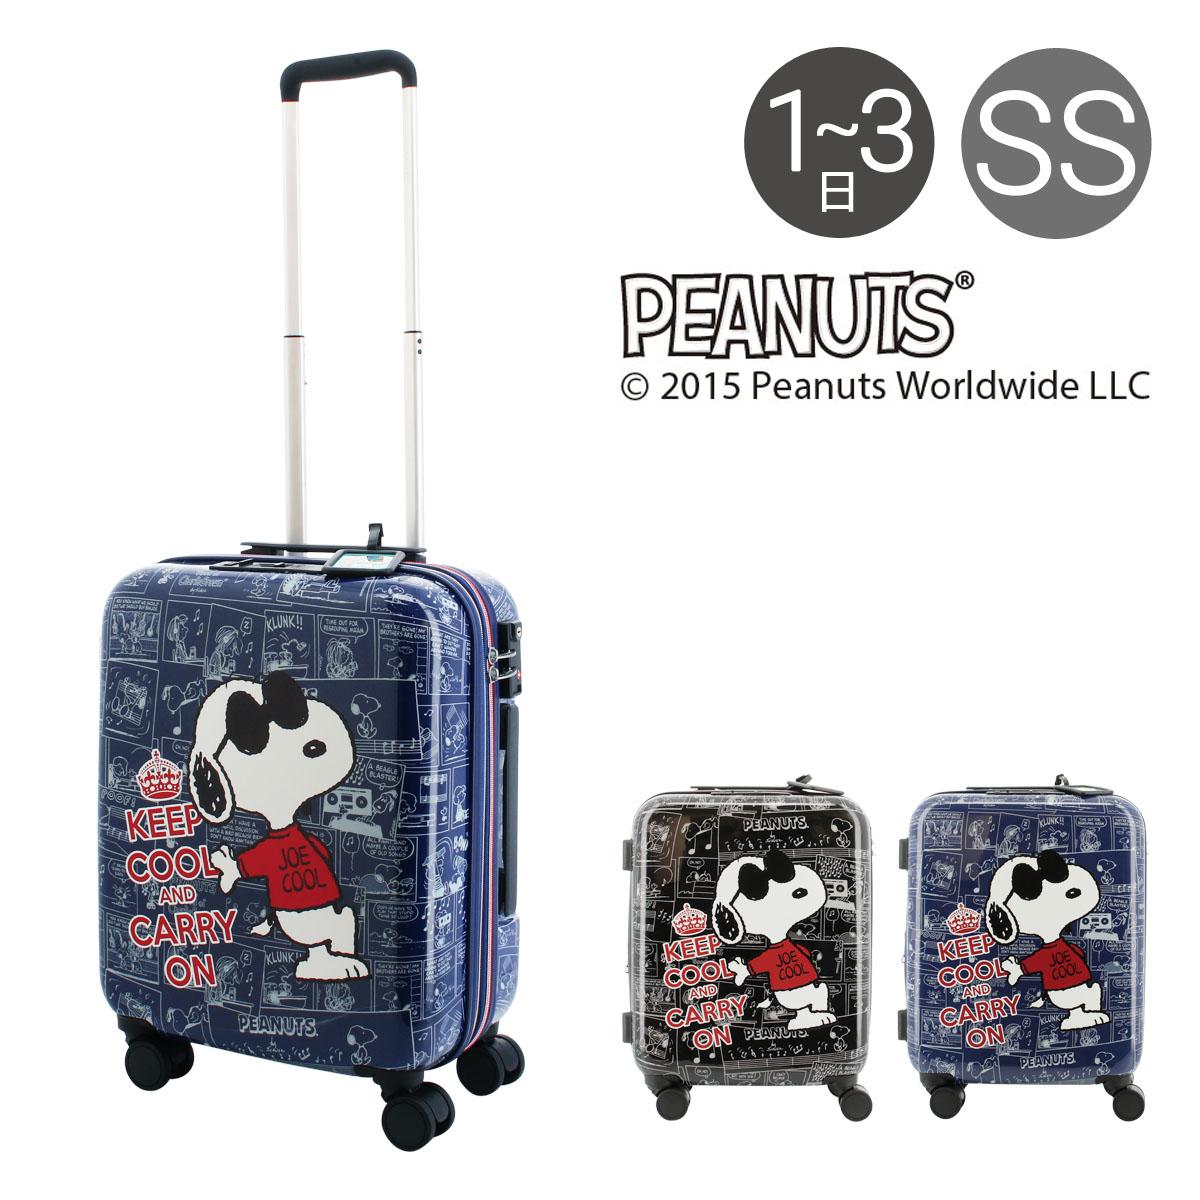 ピーナッツ スーツケース 33L 52.5cm 3.1kg レディース PN-020 PEANUTS | ハード ファスナー | キャリーケース 機内持ち込み可 TSAロック搭載[即日発送]